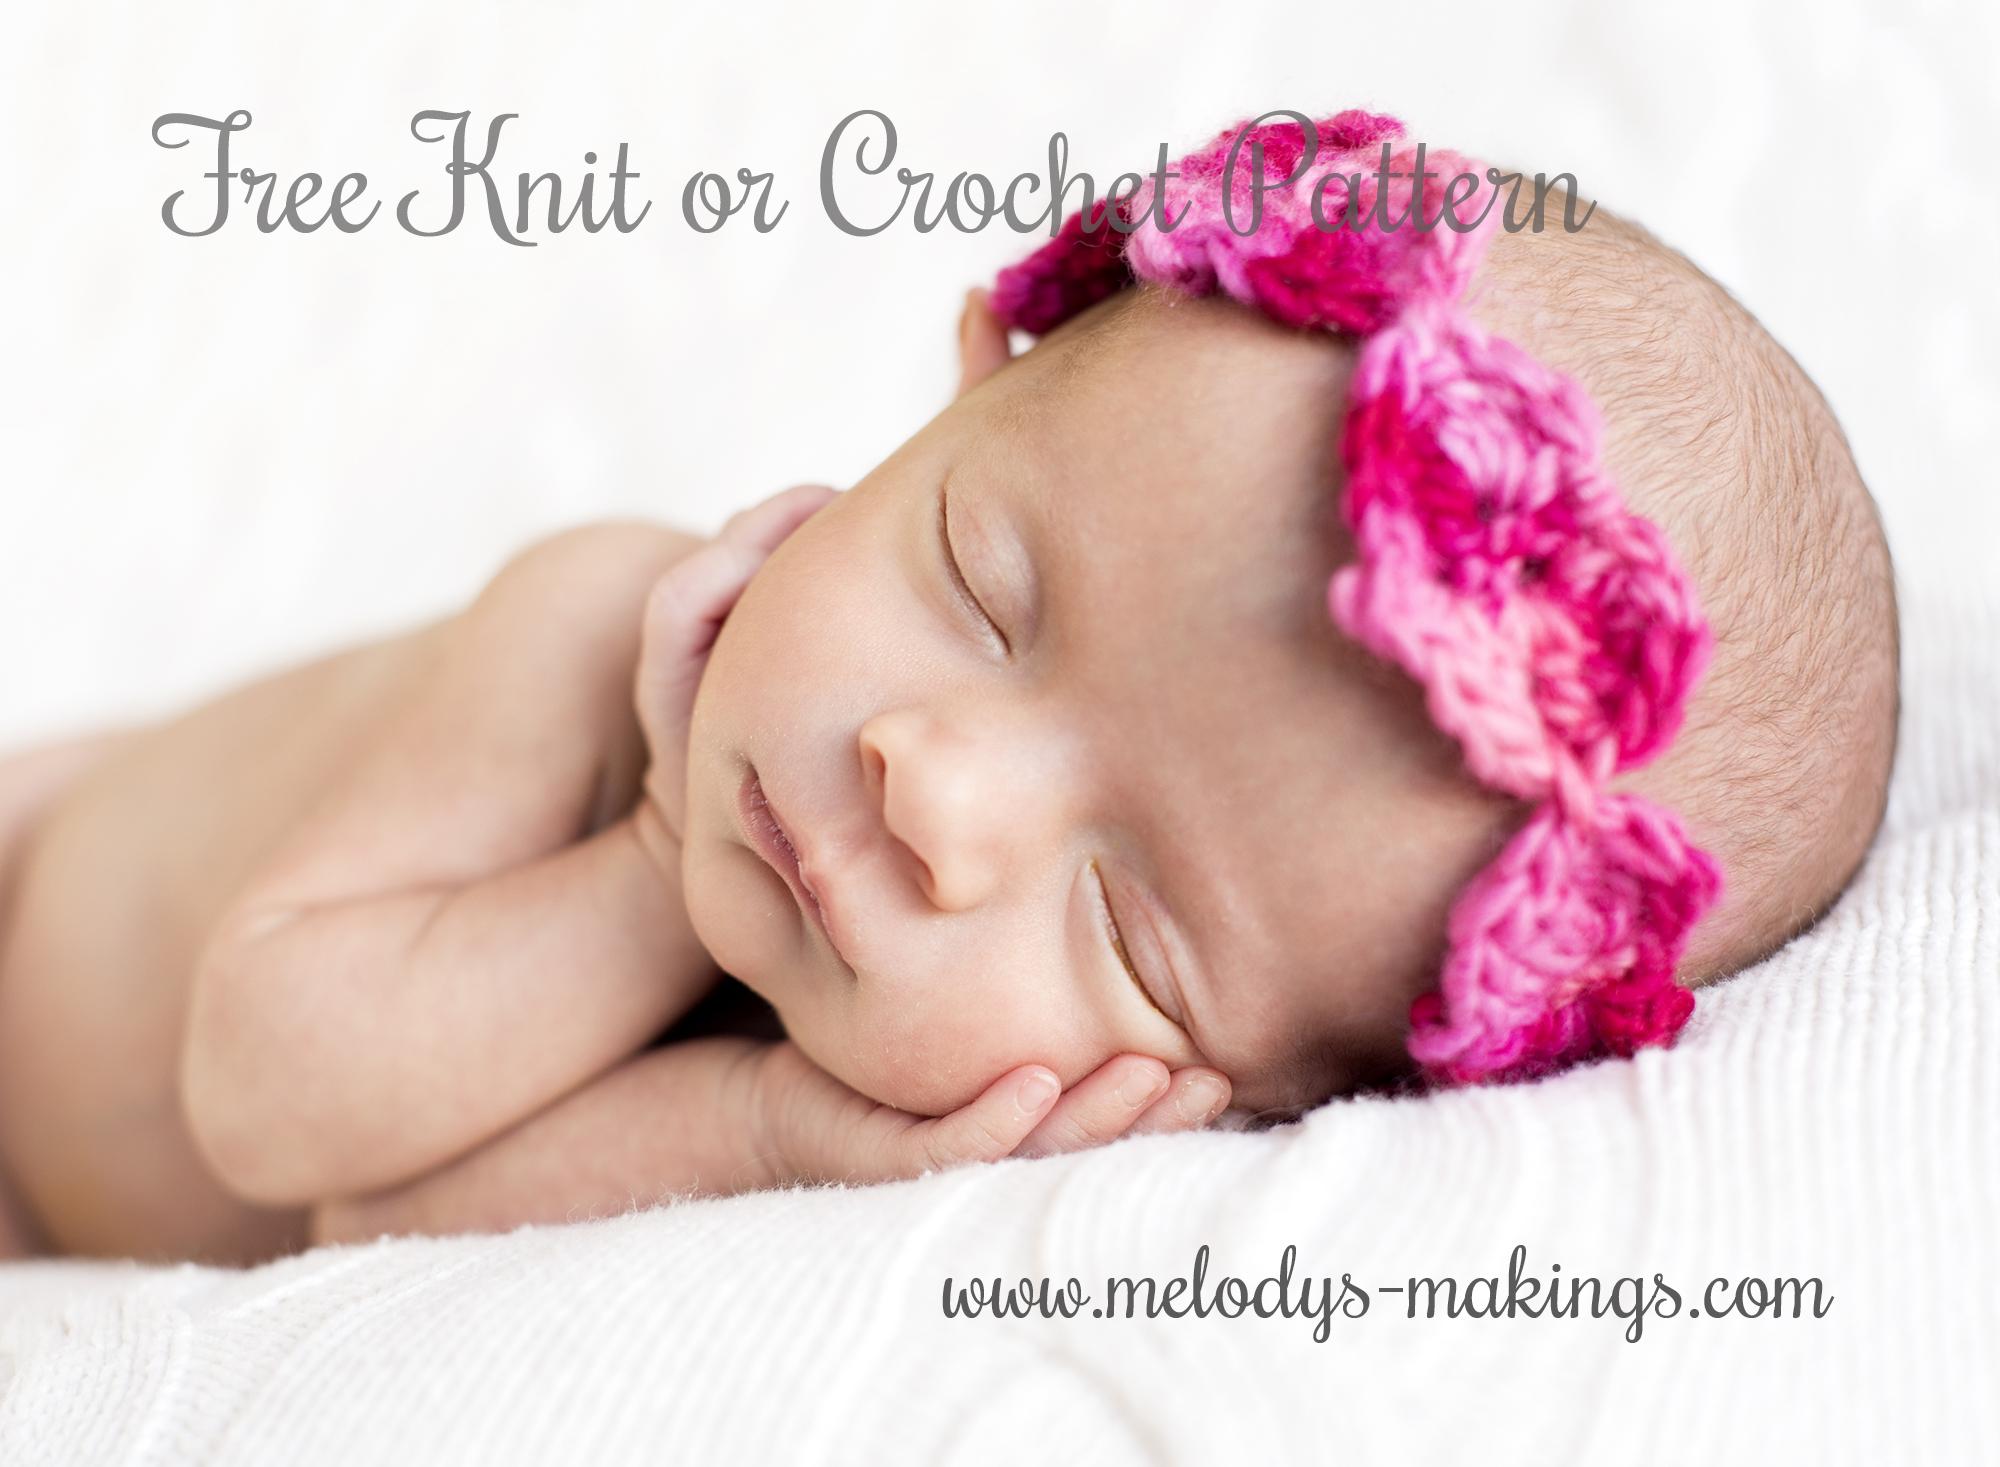 Free Knit Or Crochet Heart Headband Pattern Melody S Makings